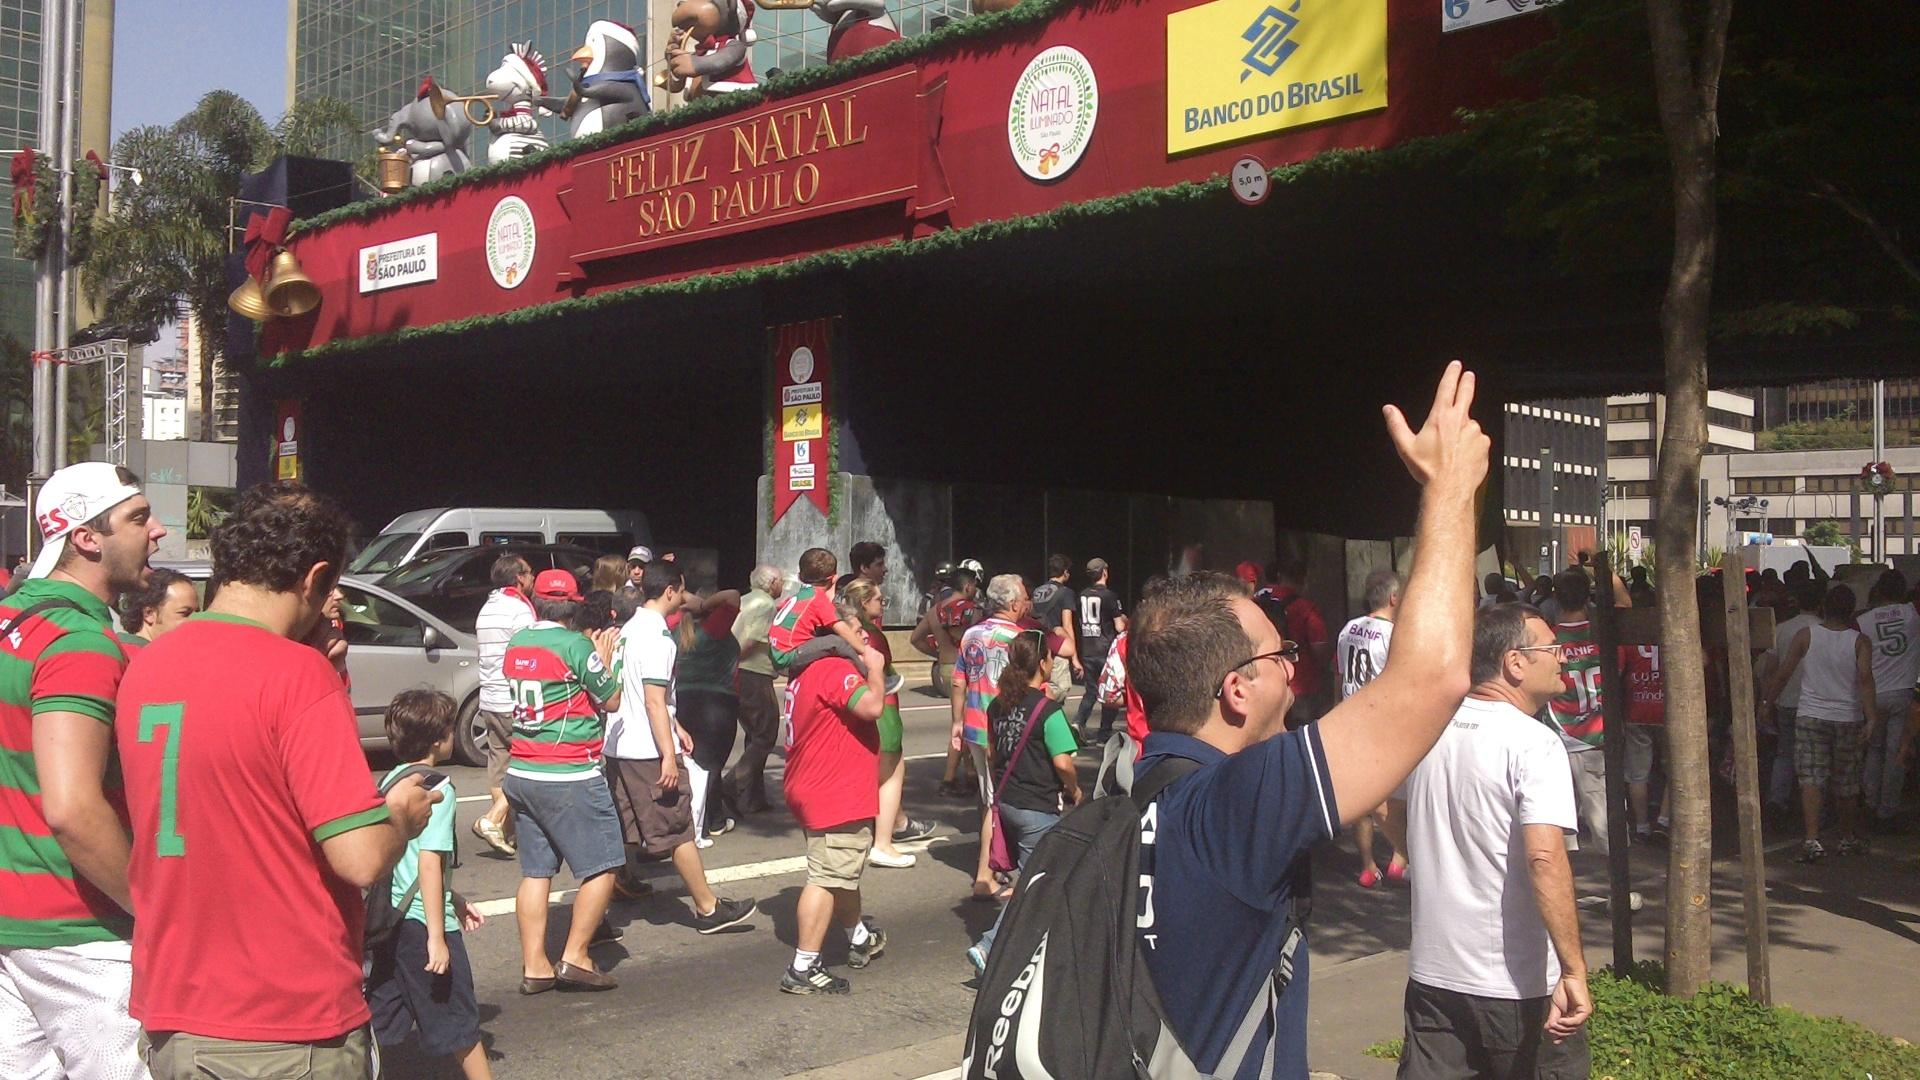 14.12.2013 - Torcedores da Portuguesa sentam e fecham a Av. Paulista contra possível perda de pontos